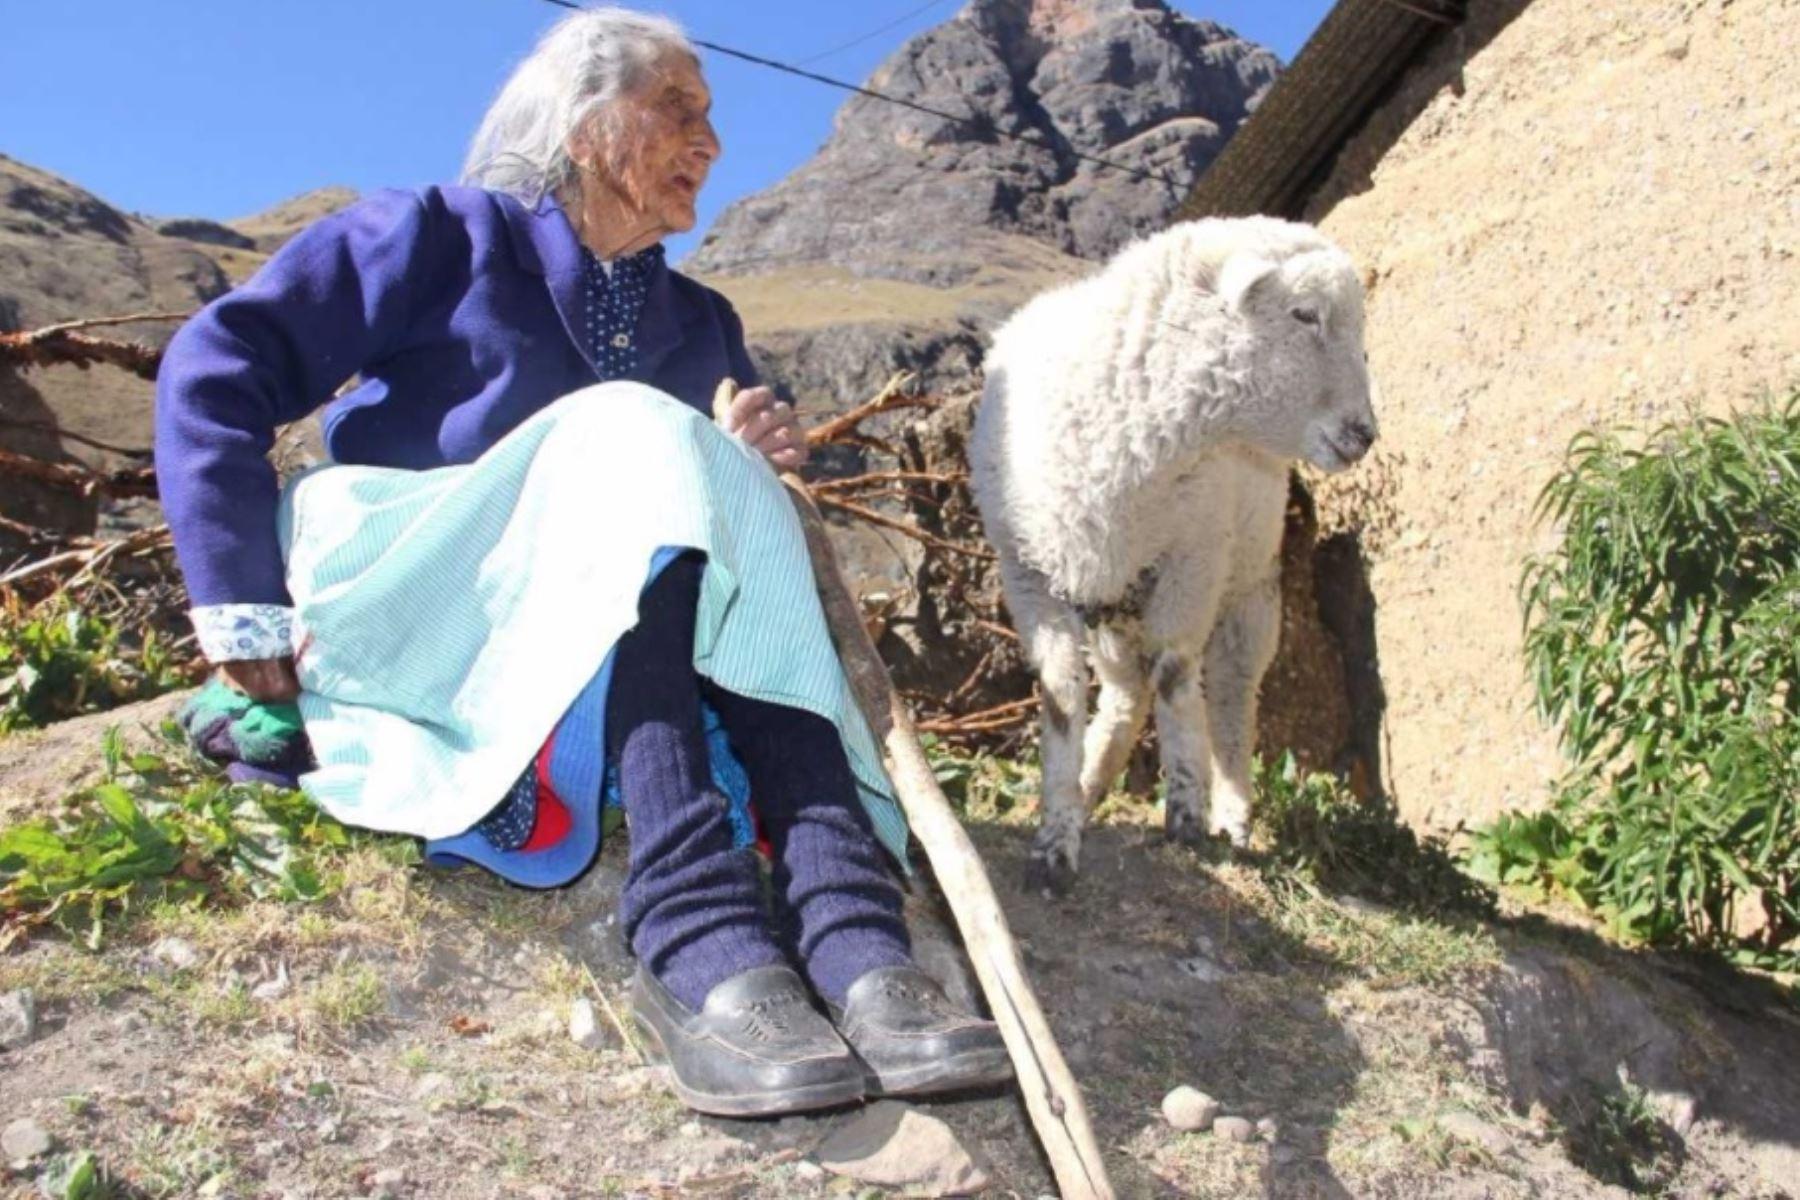 La ayacuchana María Flores Rojas es la usuaria más longeva de Pensión 65. Nació en Condorpampa, caserío del anexo de Ccalani, distrito de Upahuacho, provincia de Parinacochas, donde ha vivido sus 116 años.